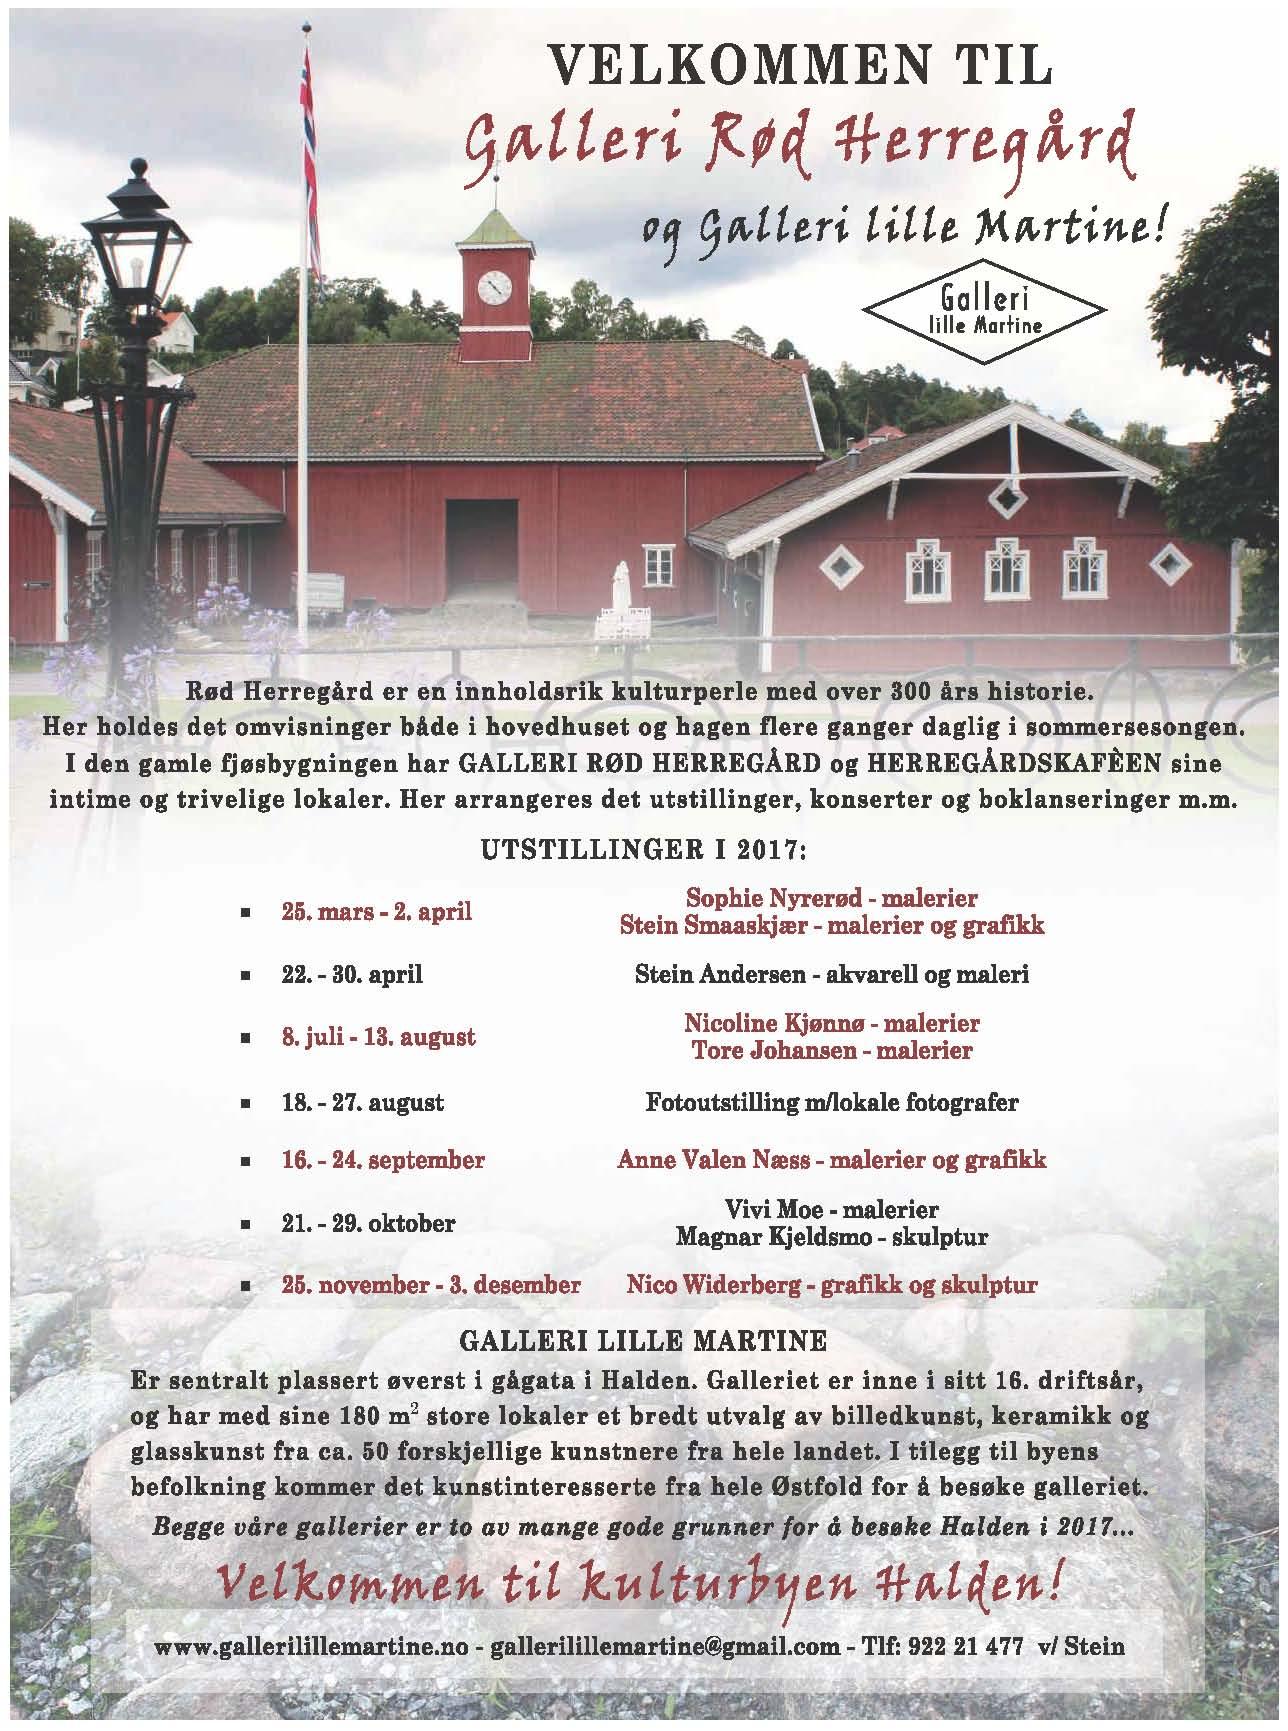 Velkommen til Galleri Rød Herregård og Galleri Lille Martine